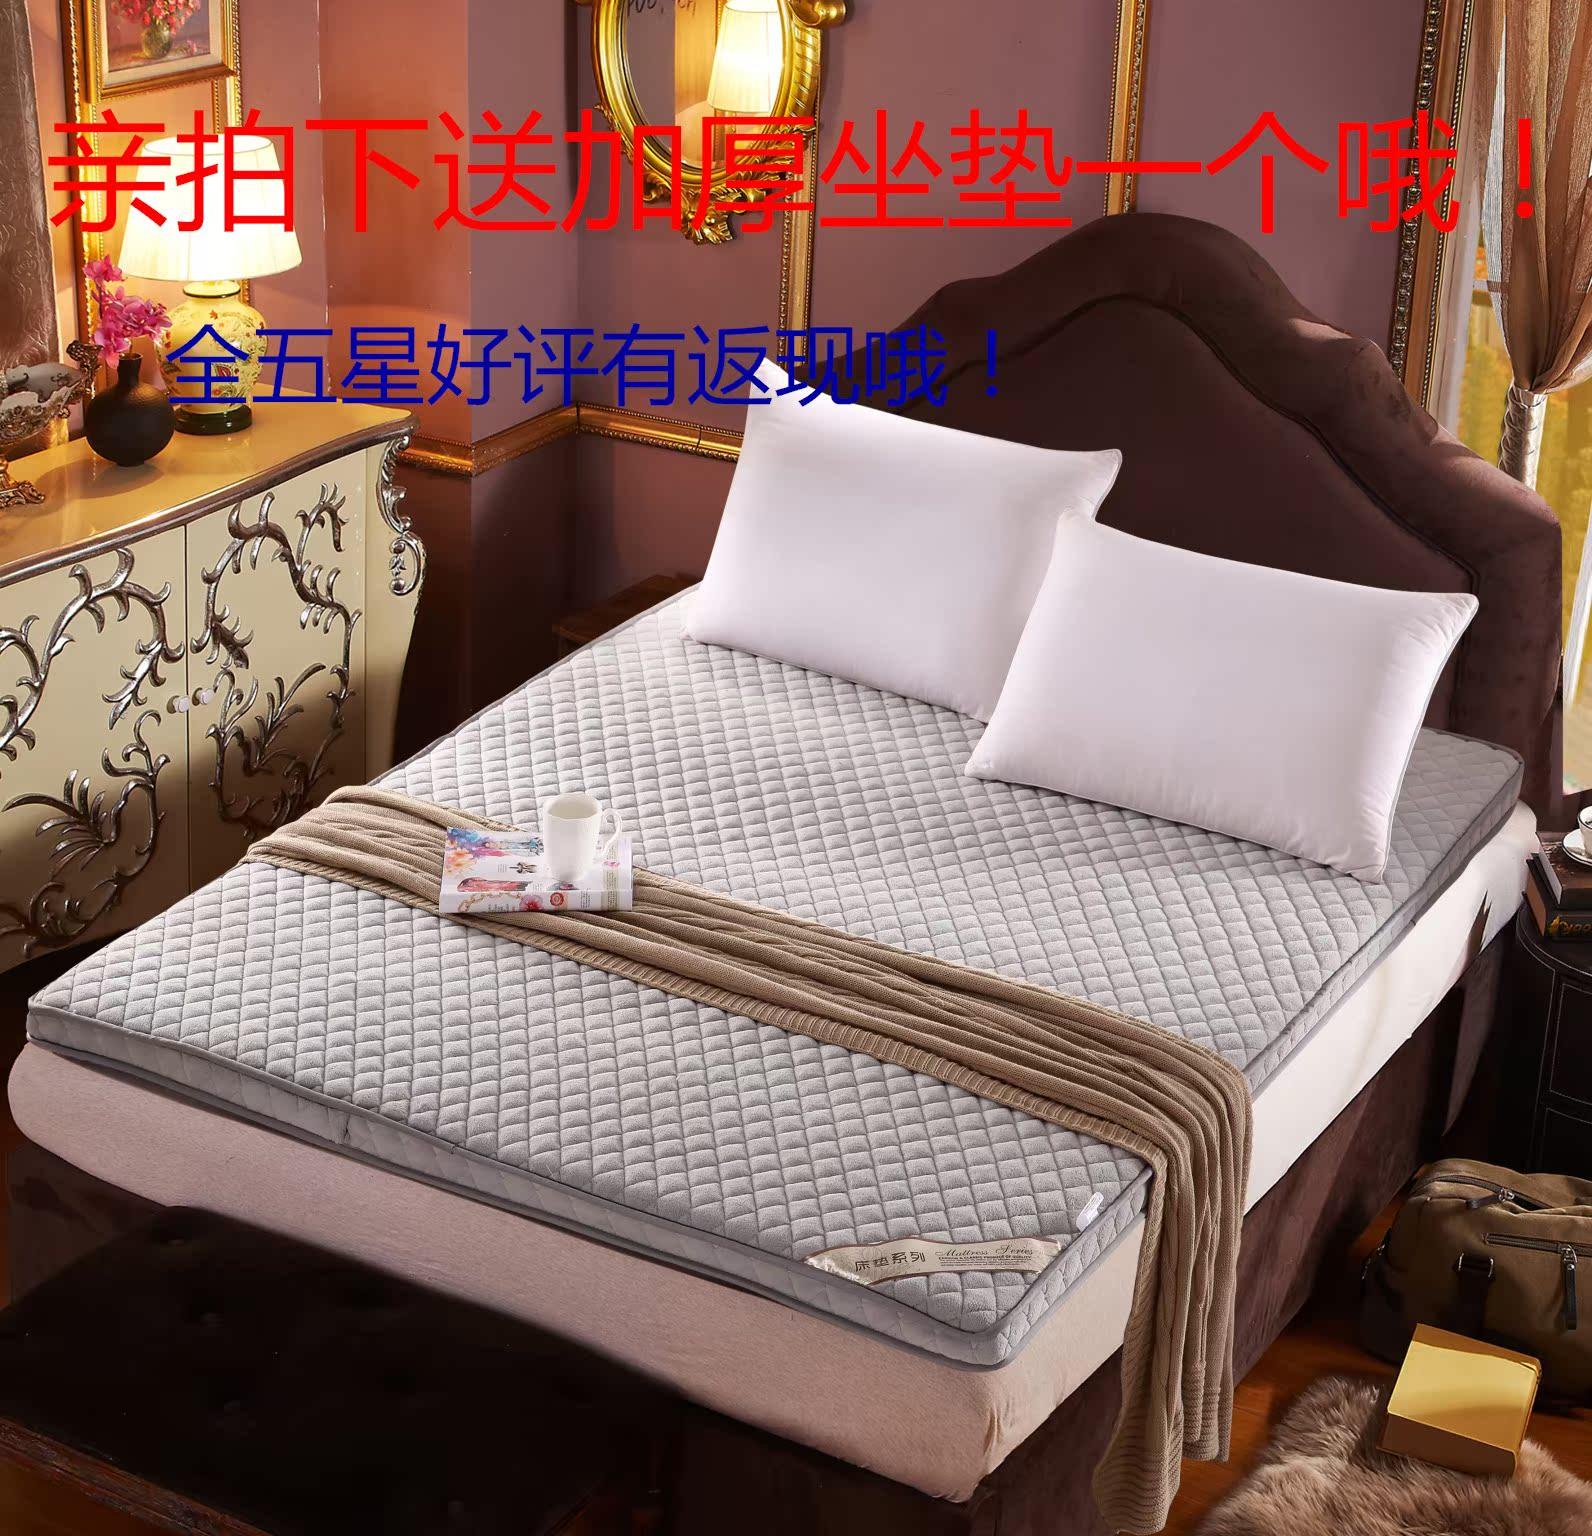 梦丽娜家纺珊瑚绒法莱绒加厚保暖床垫榻榻米学生单人双人床褥包邮